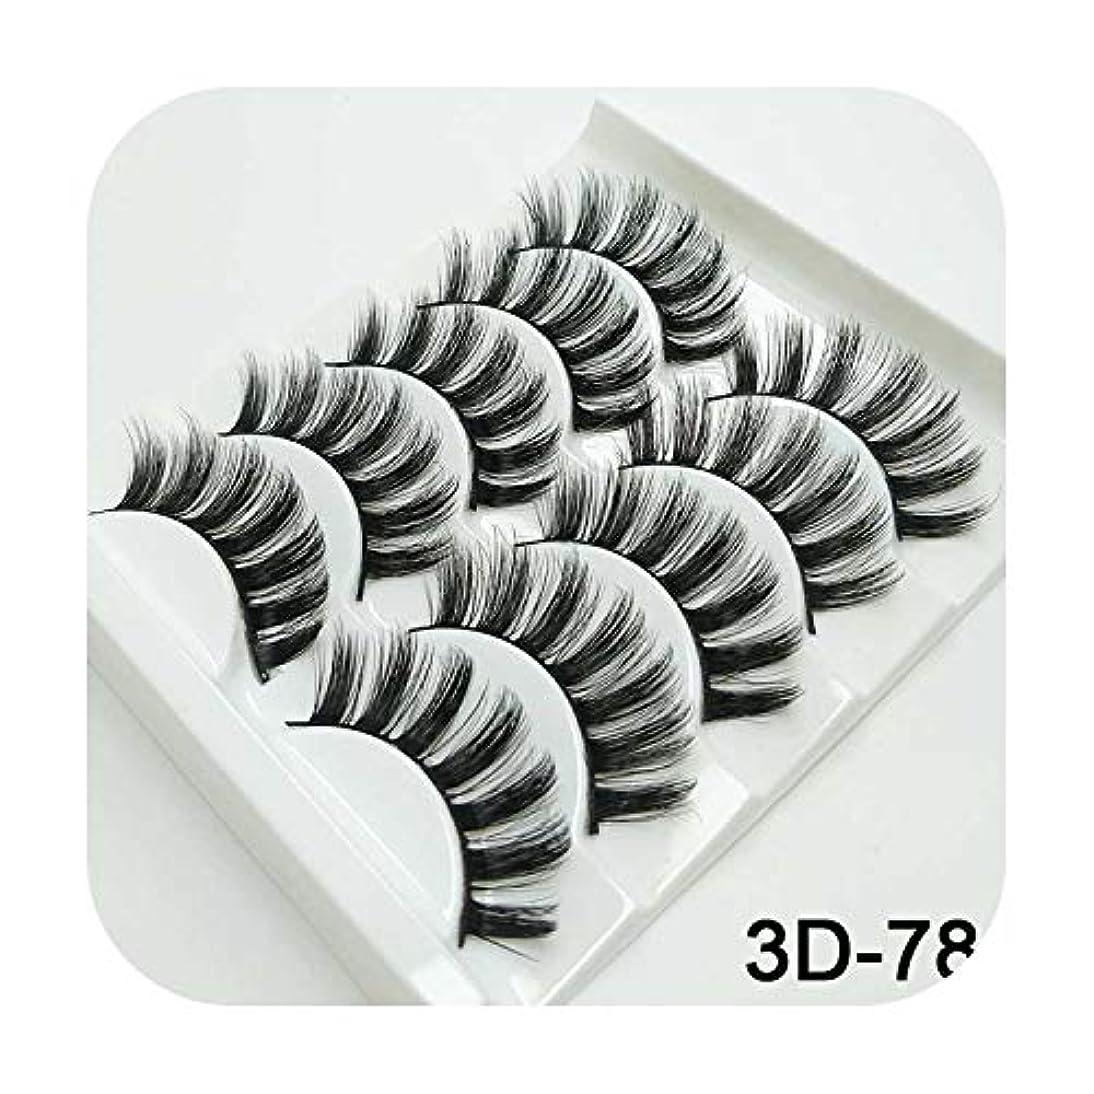 ジャベスウィルソン故国アーティファクト3Dミンクまつげナチュラルつけまつげロングまつげエクステンション5ペアフェイクフェイクラッシュ,3D-78